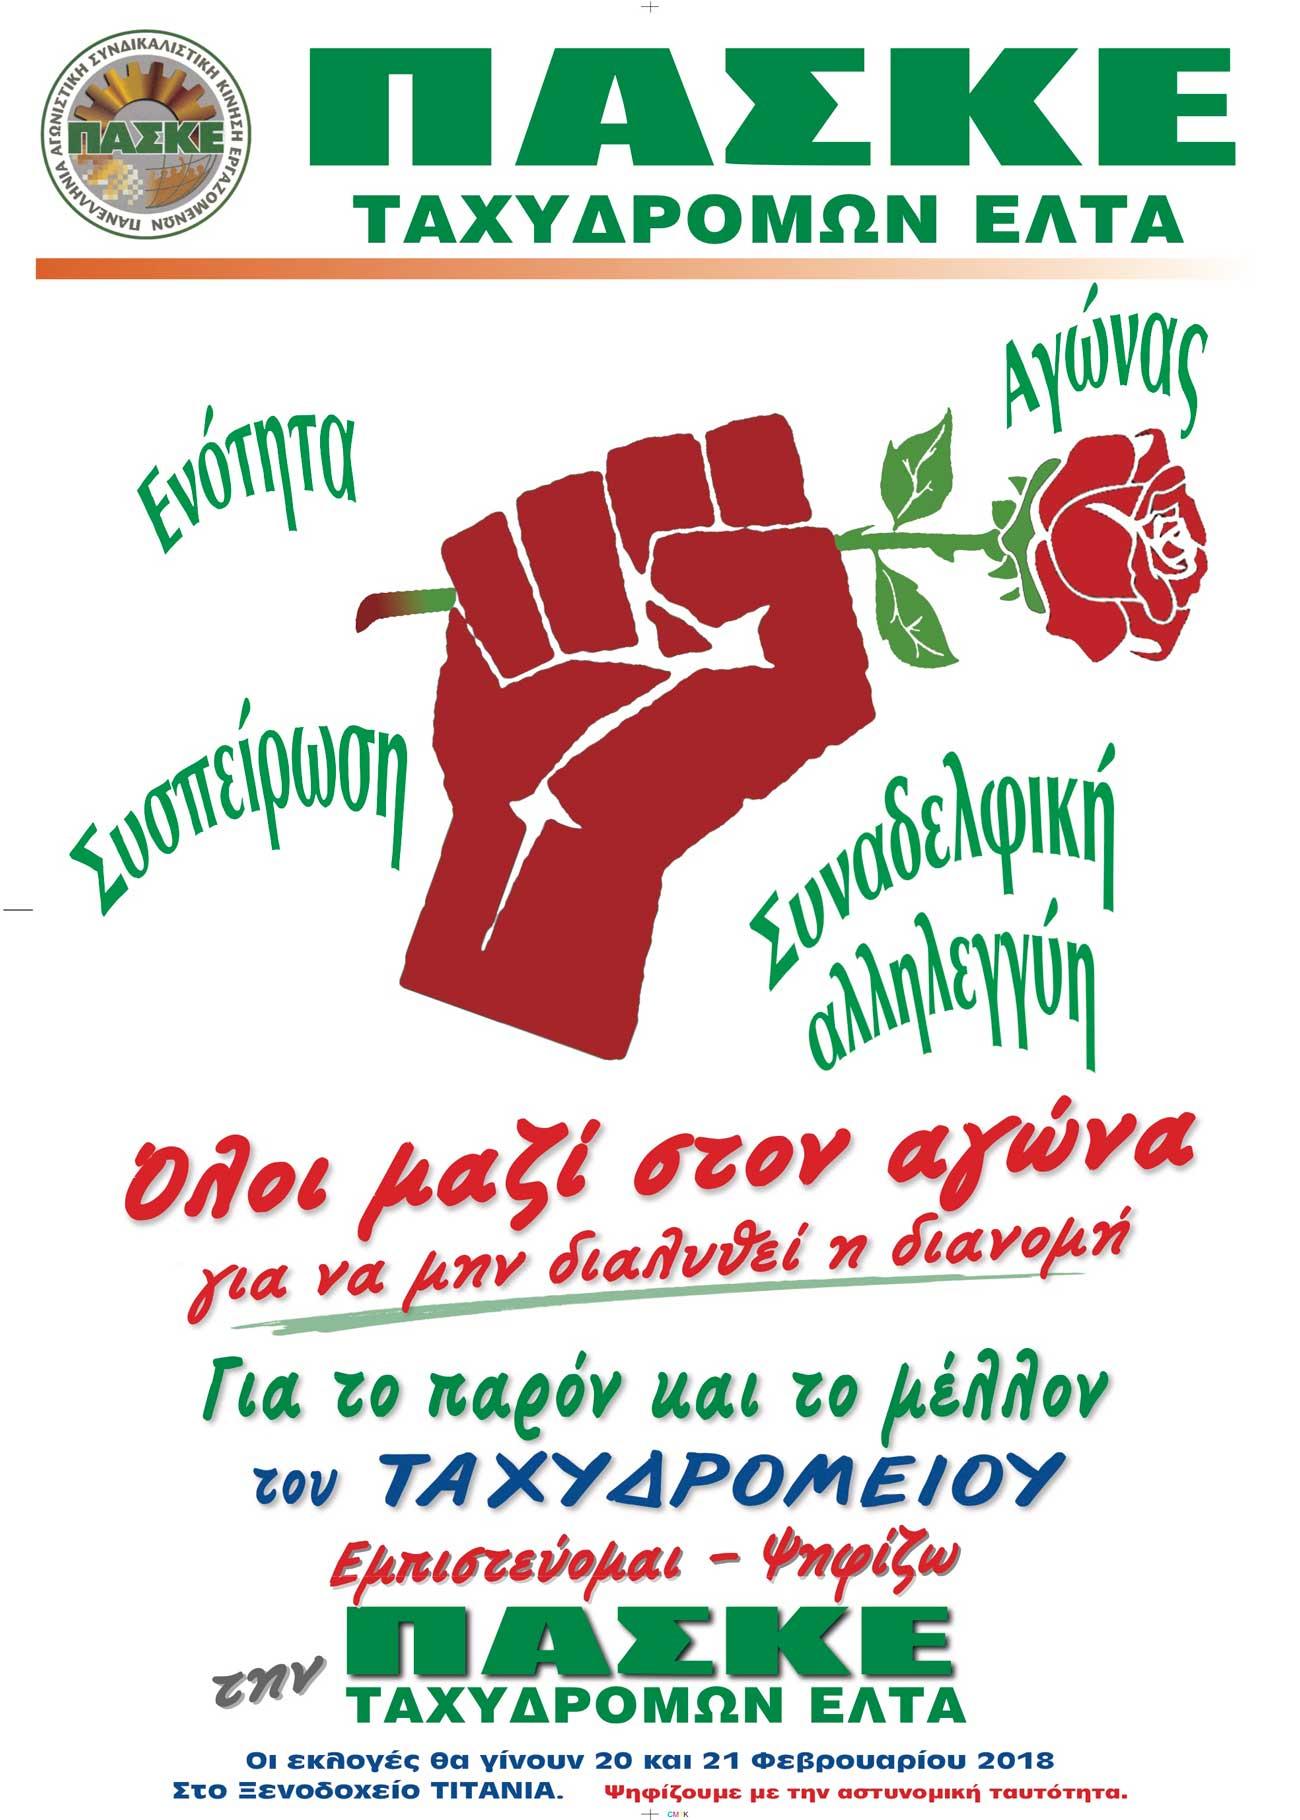 ΑΦΙΣΣΑ ΠΑΣΚΕ ΦΕΒ. 2018